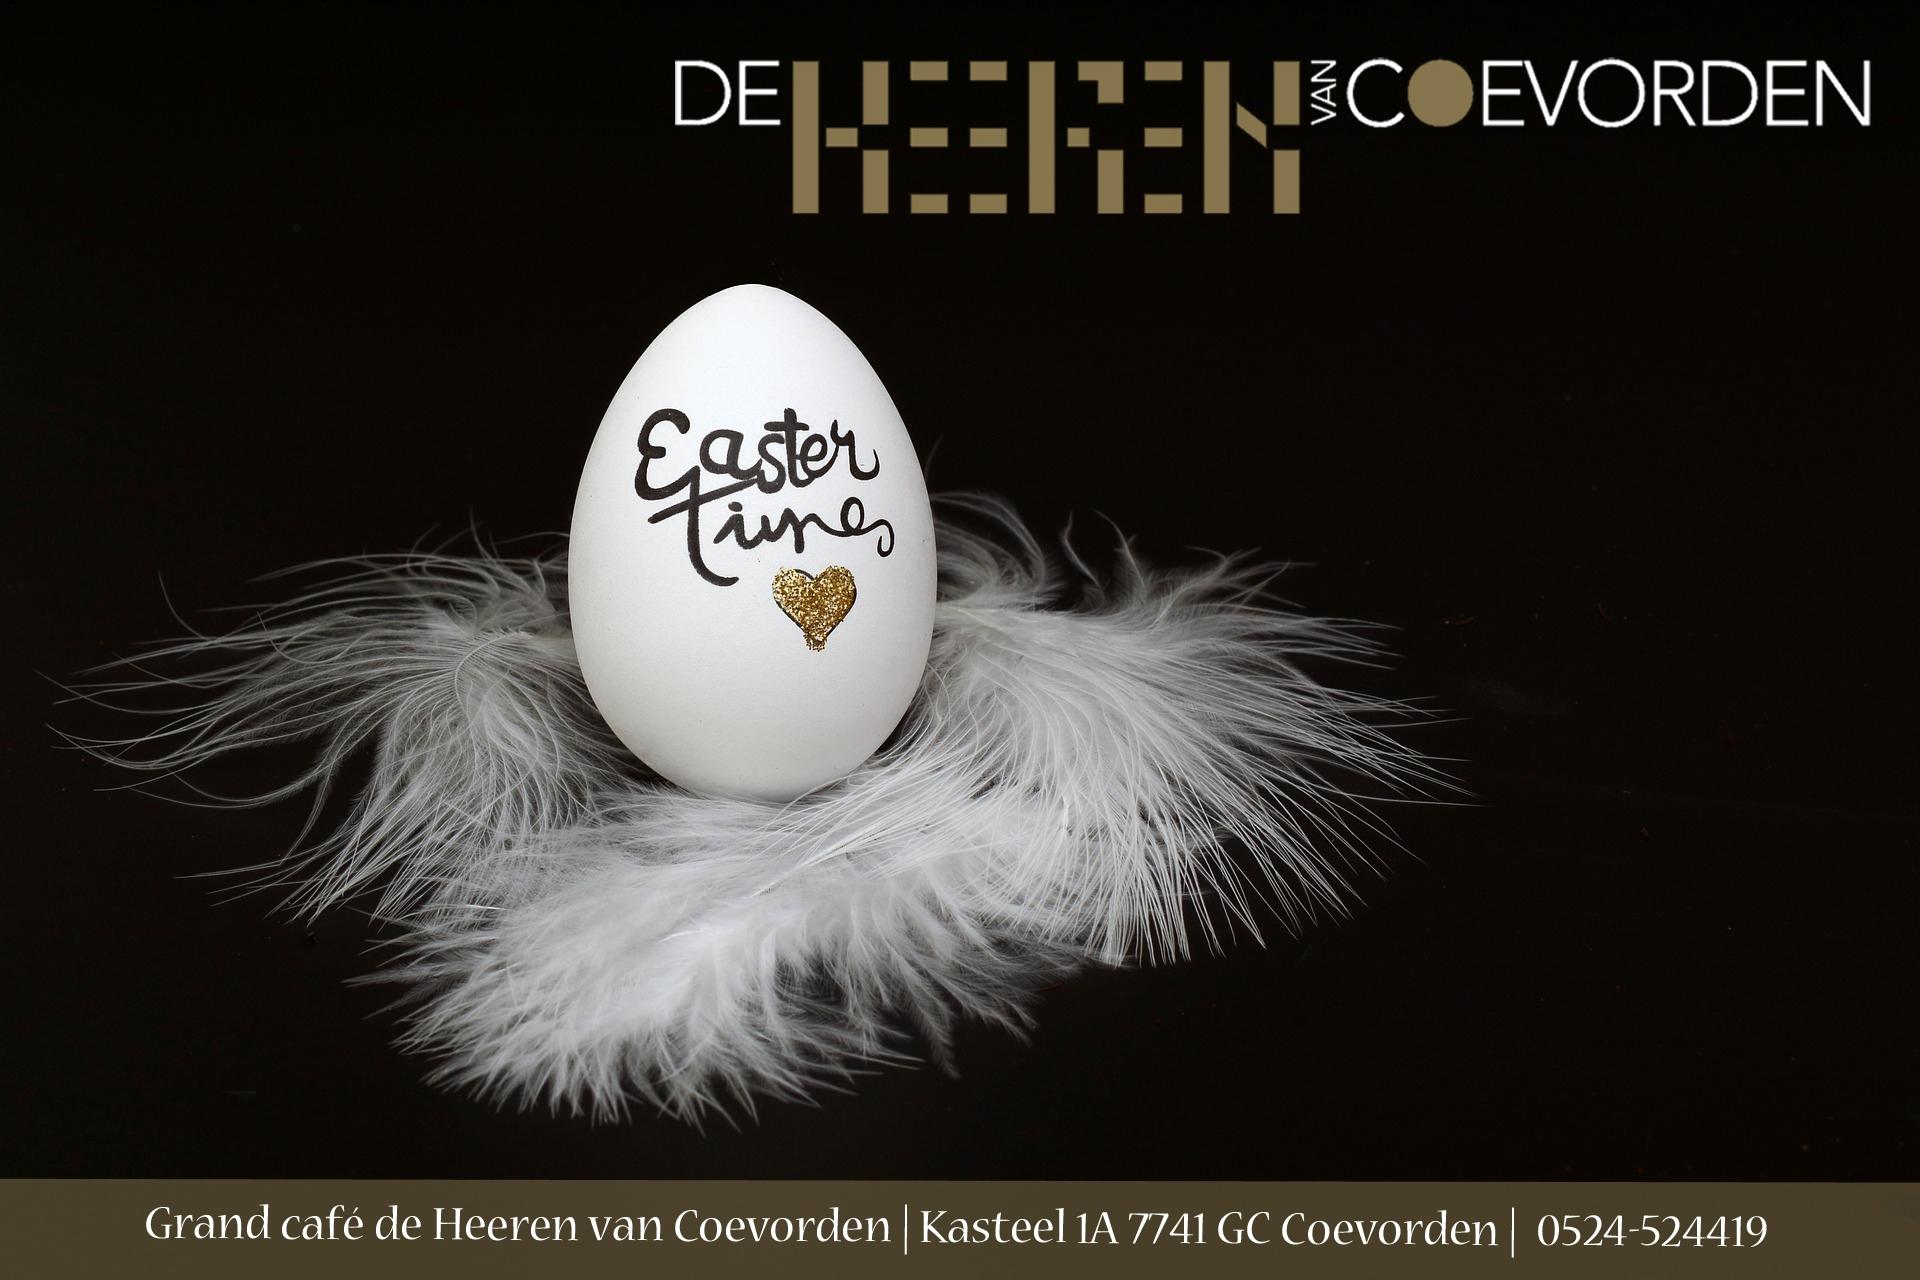 pasen 2018 Grand café de Heeren van Coevorden